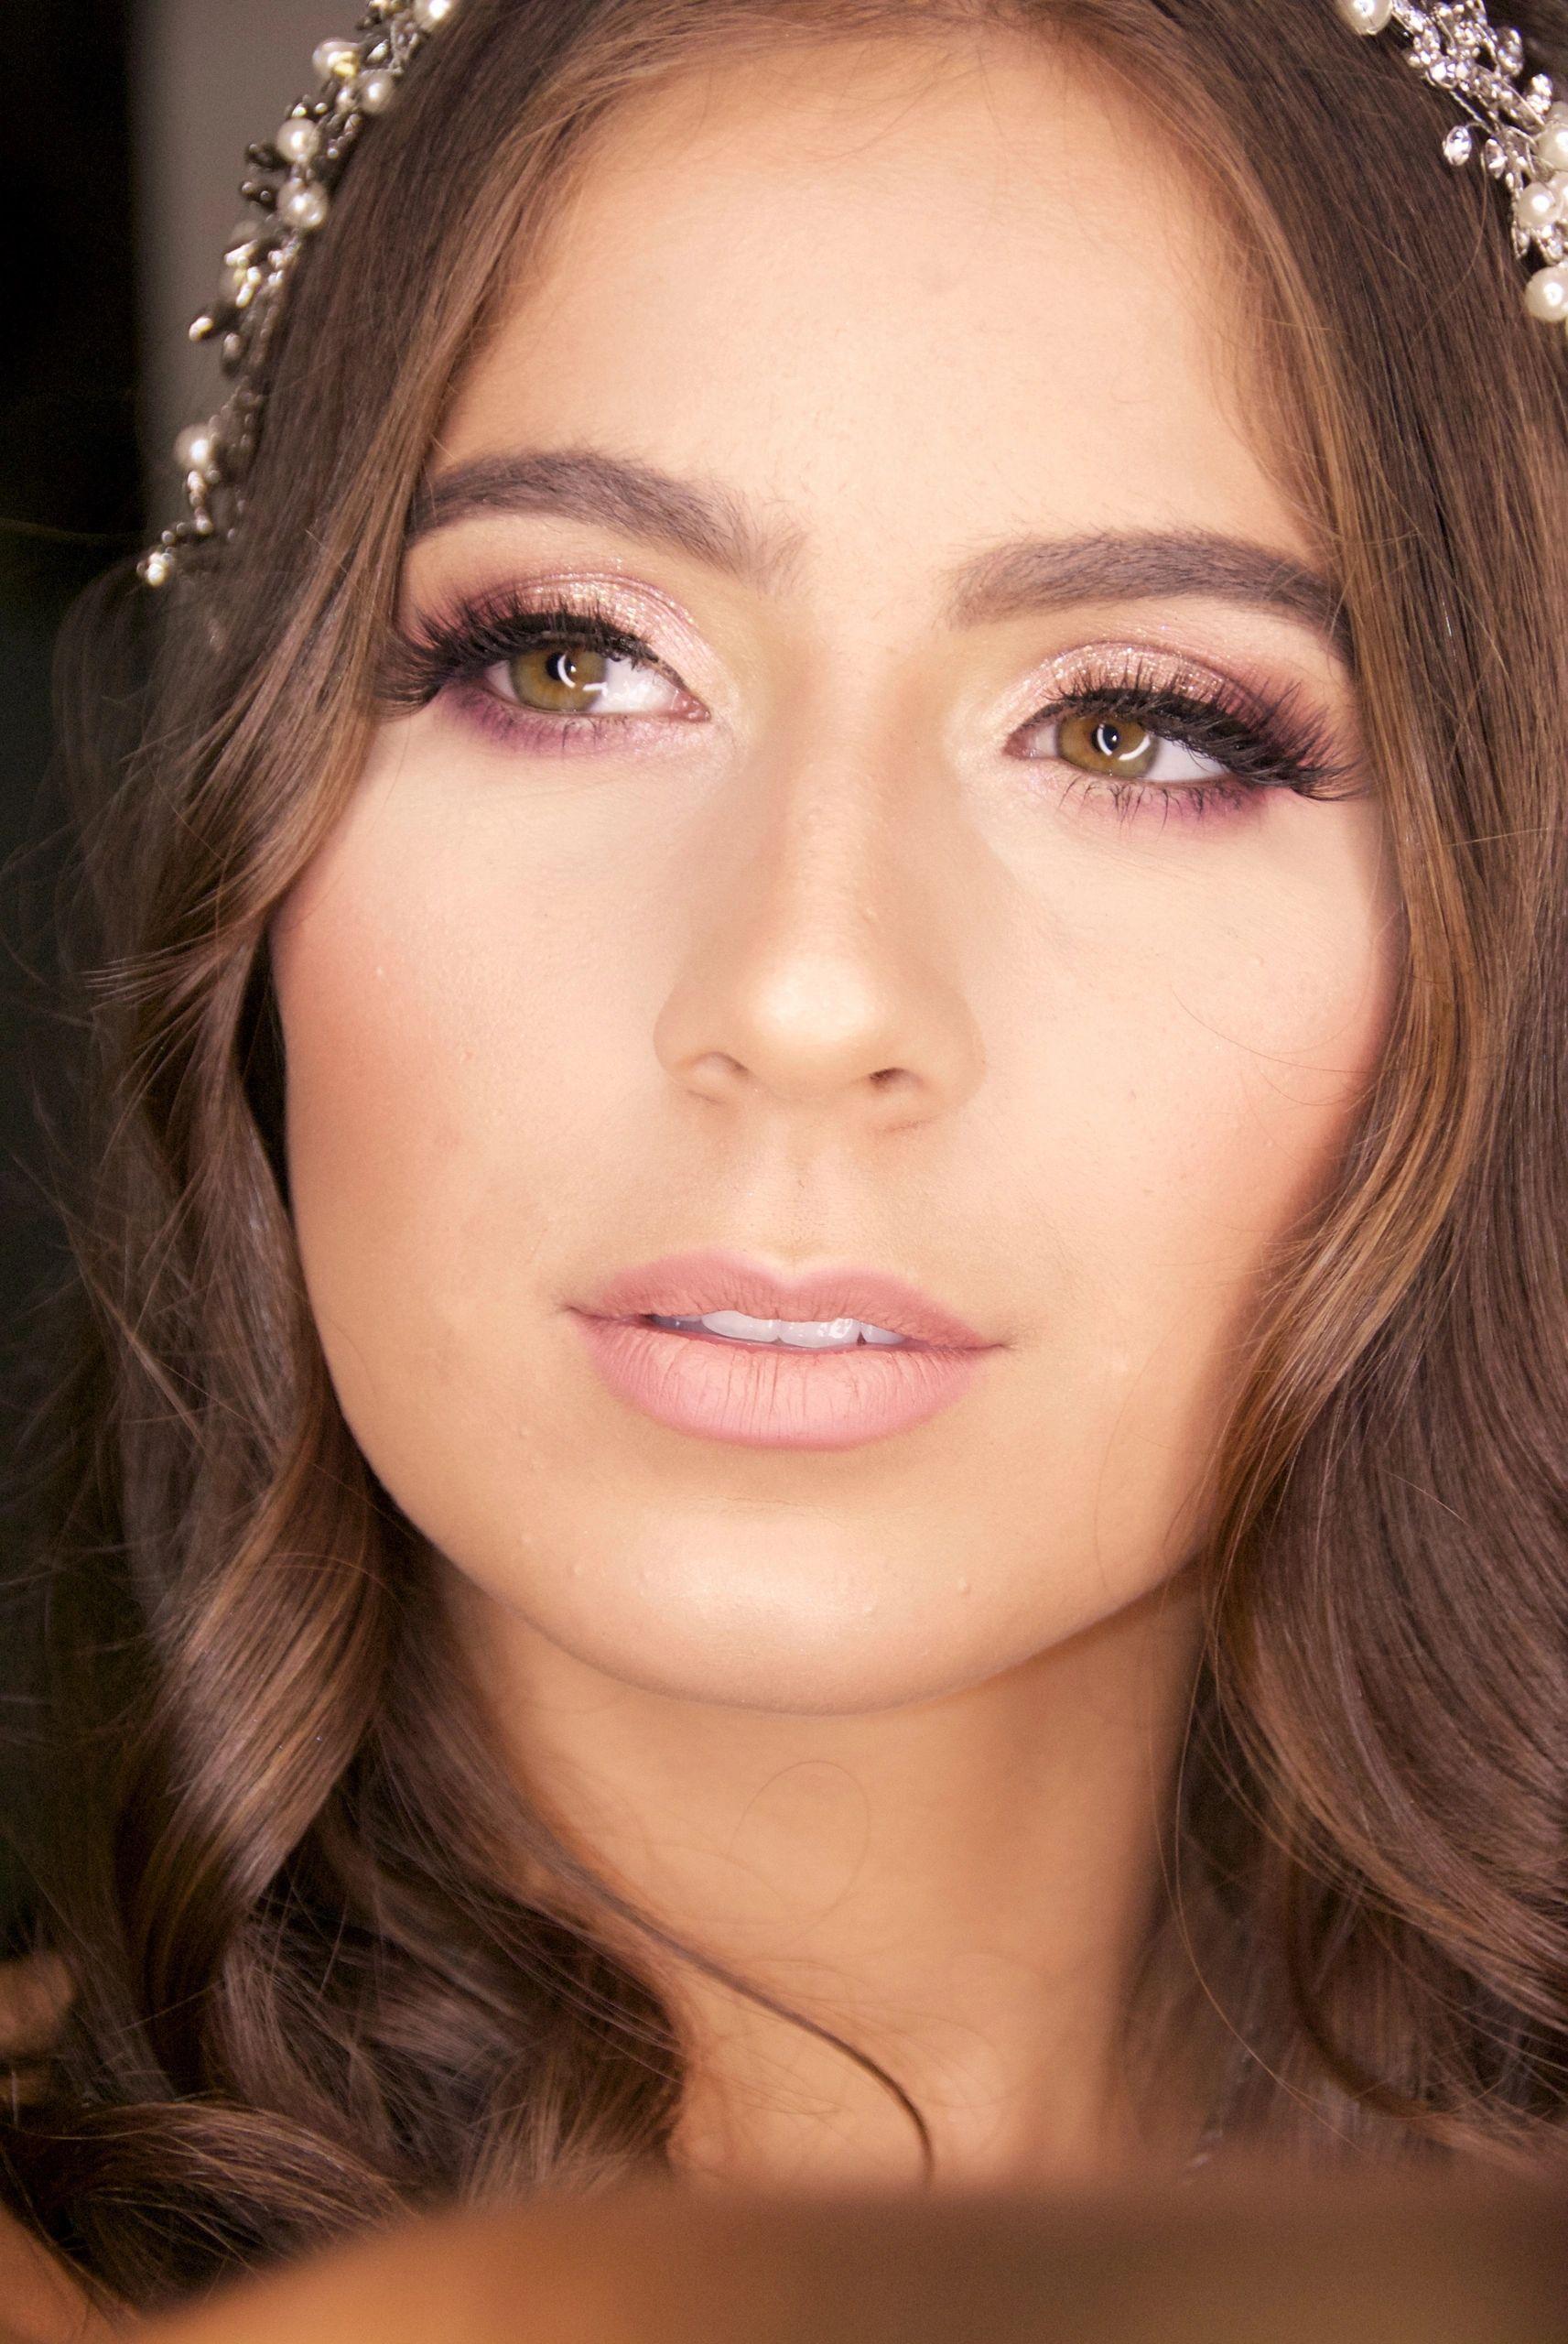 Luxury Bridal Makeup Artist New York Fashion Week Makeup